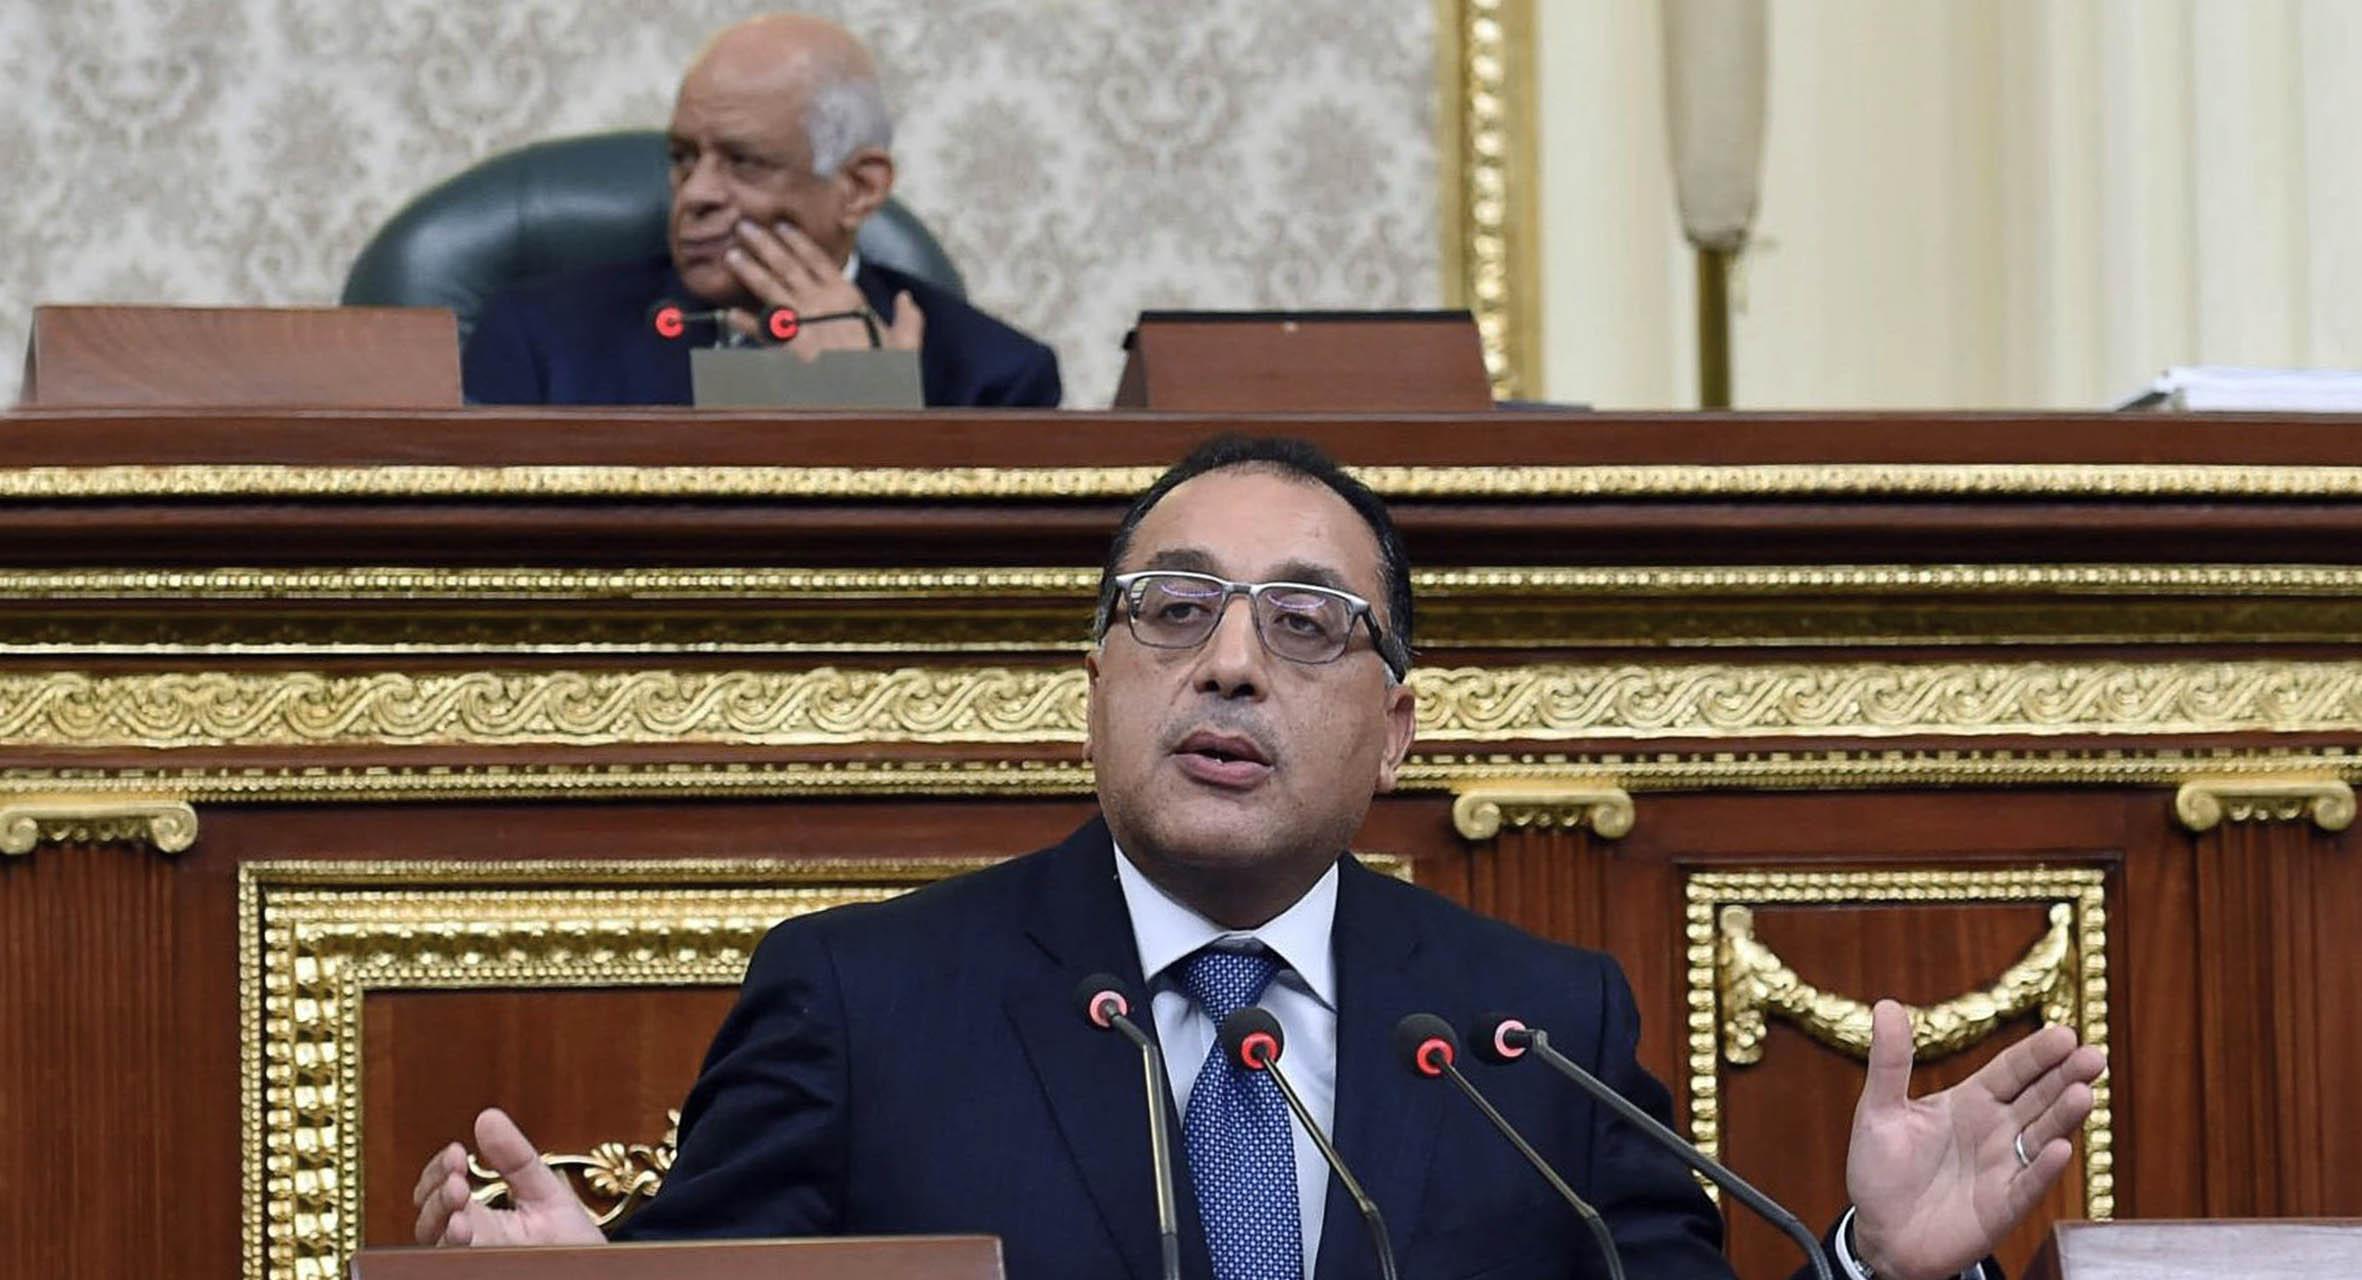 صورة الحكومة المصرية تُكرِّم المرأة وتتولى الوصاية عليها بنفسها